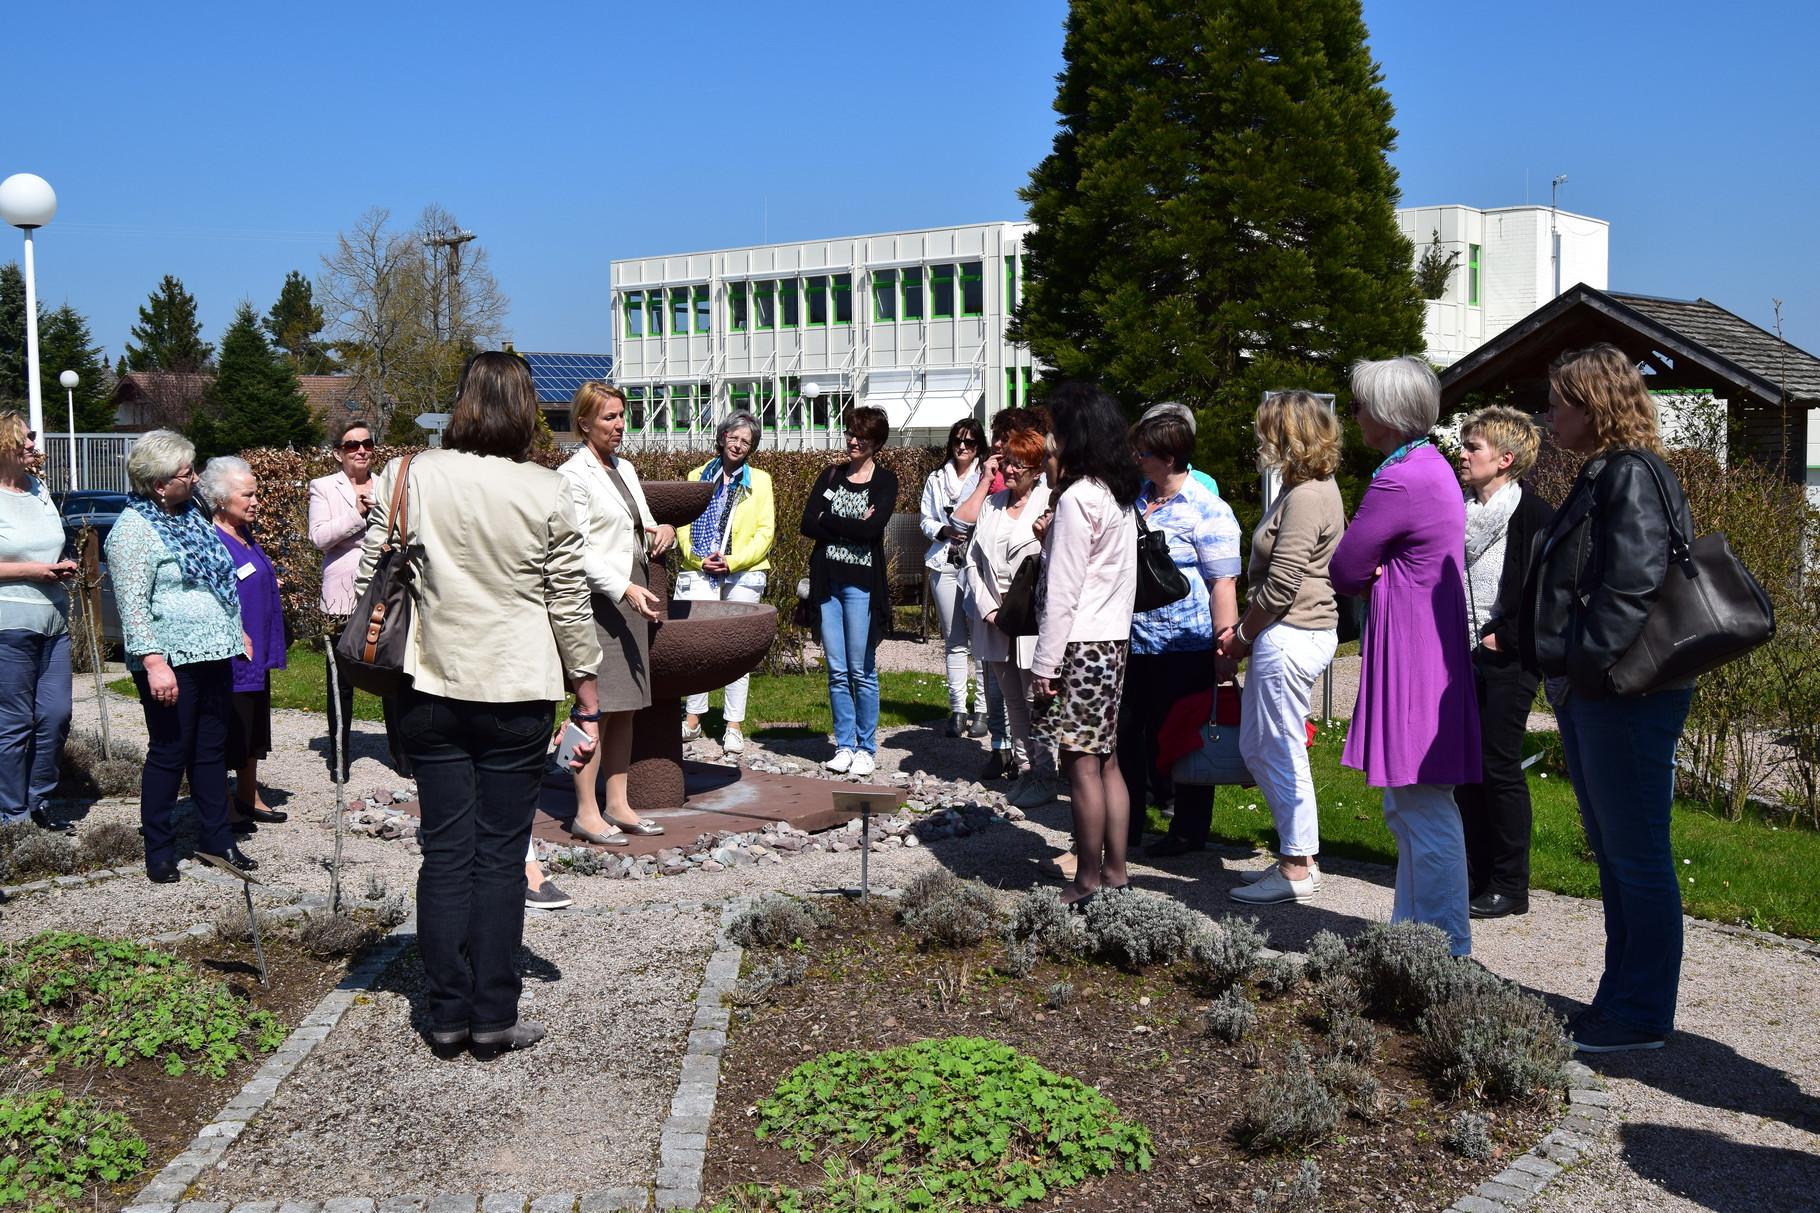 ufh Forum Besichtigung Kräutergarten Firma Börlind